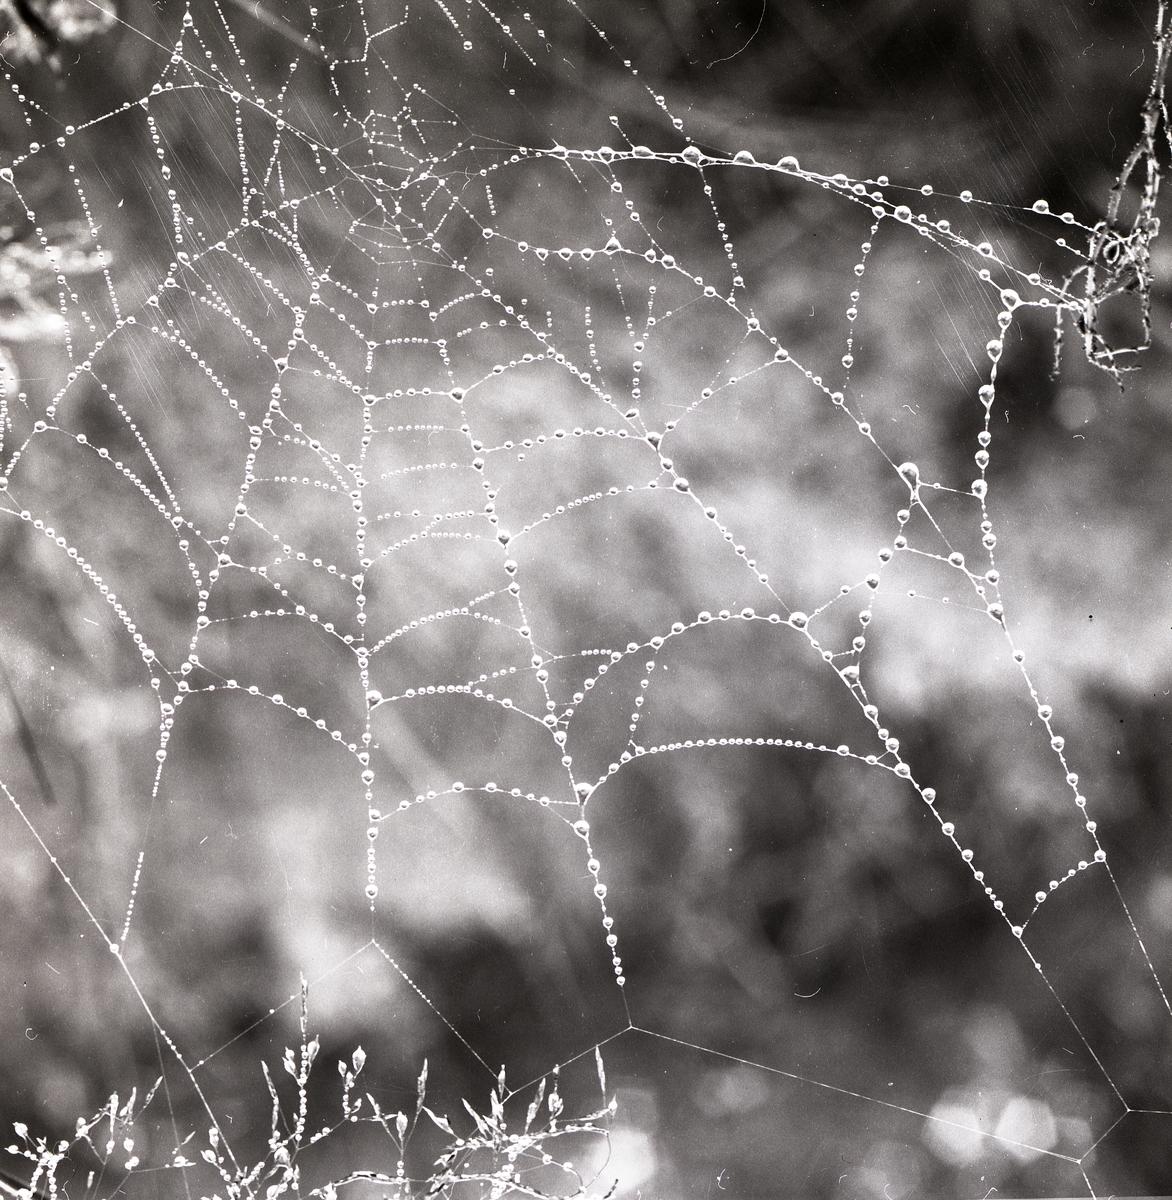 Ett spindelnät med daggdroppar, 1978.